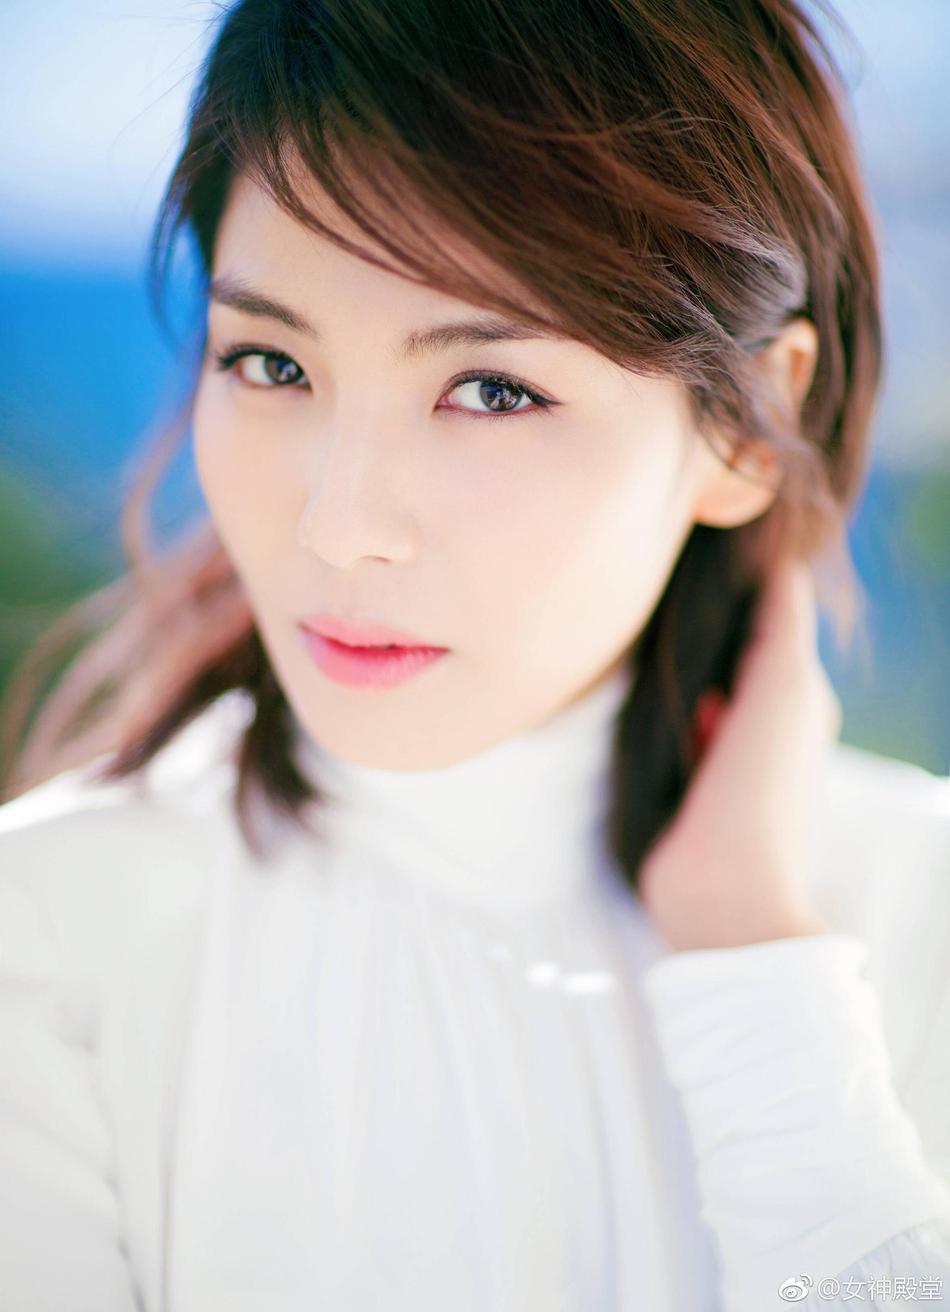 刘涛清新大片优雅时尚 熟女范儿十足